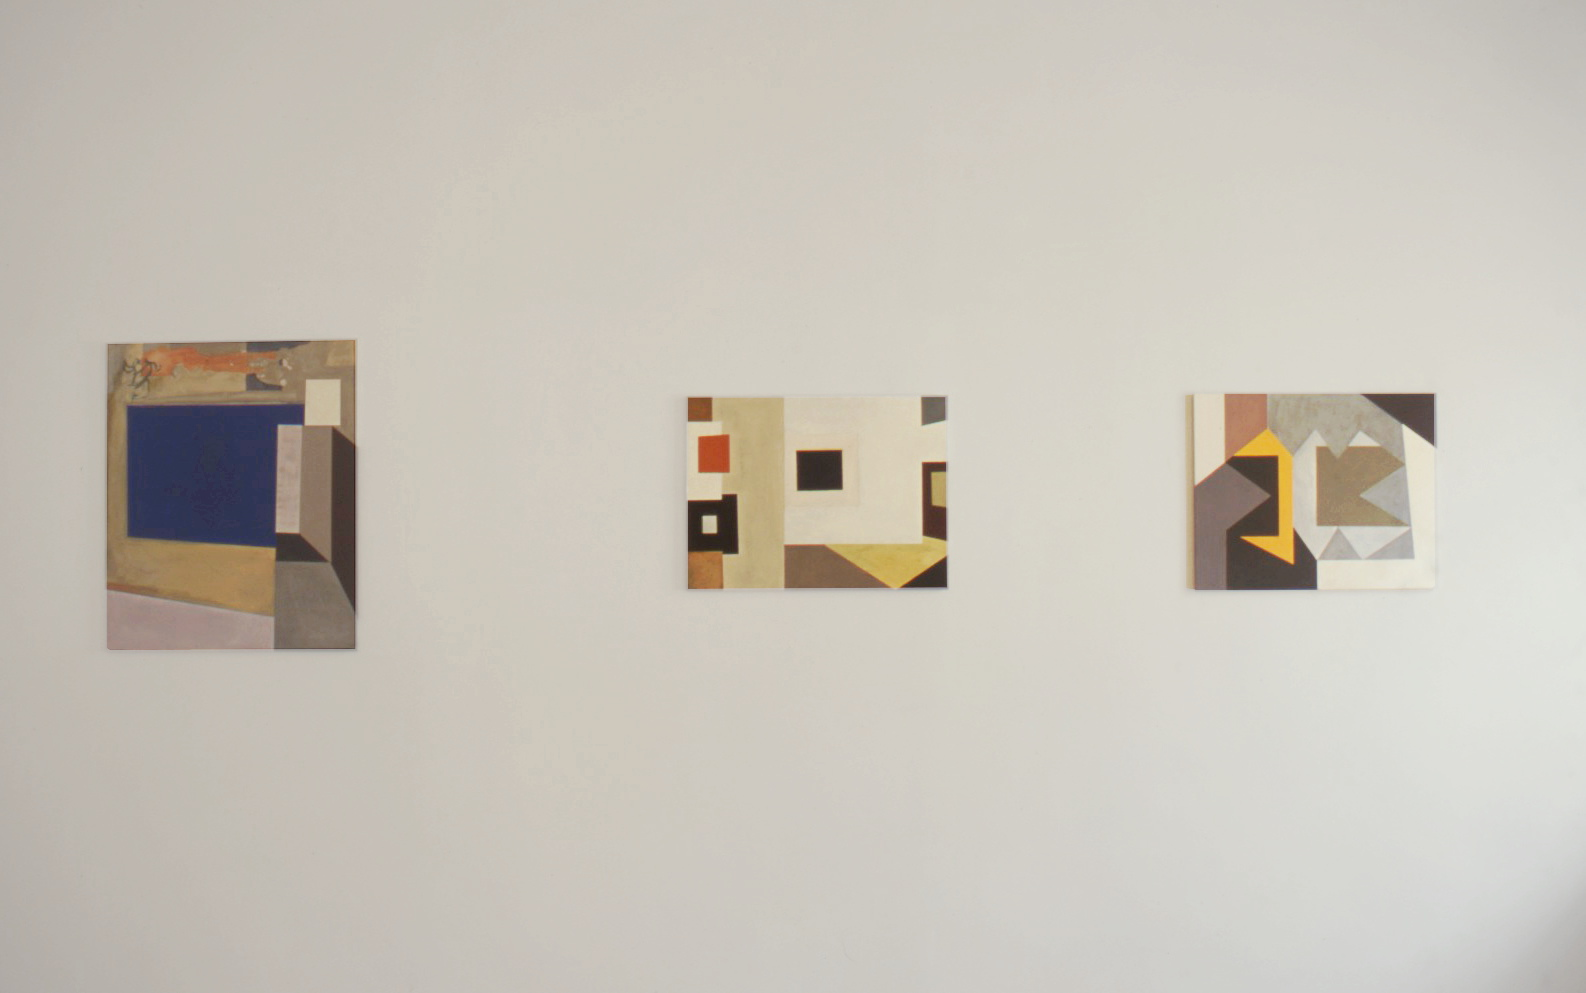 Ernst Caramelle at Lawrence Markey 2000 2.jpeg